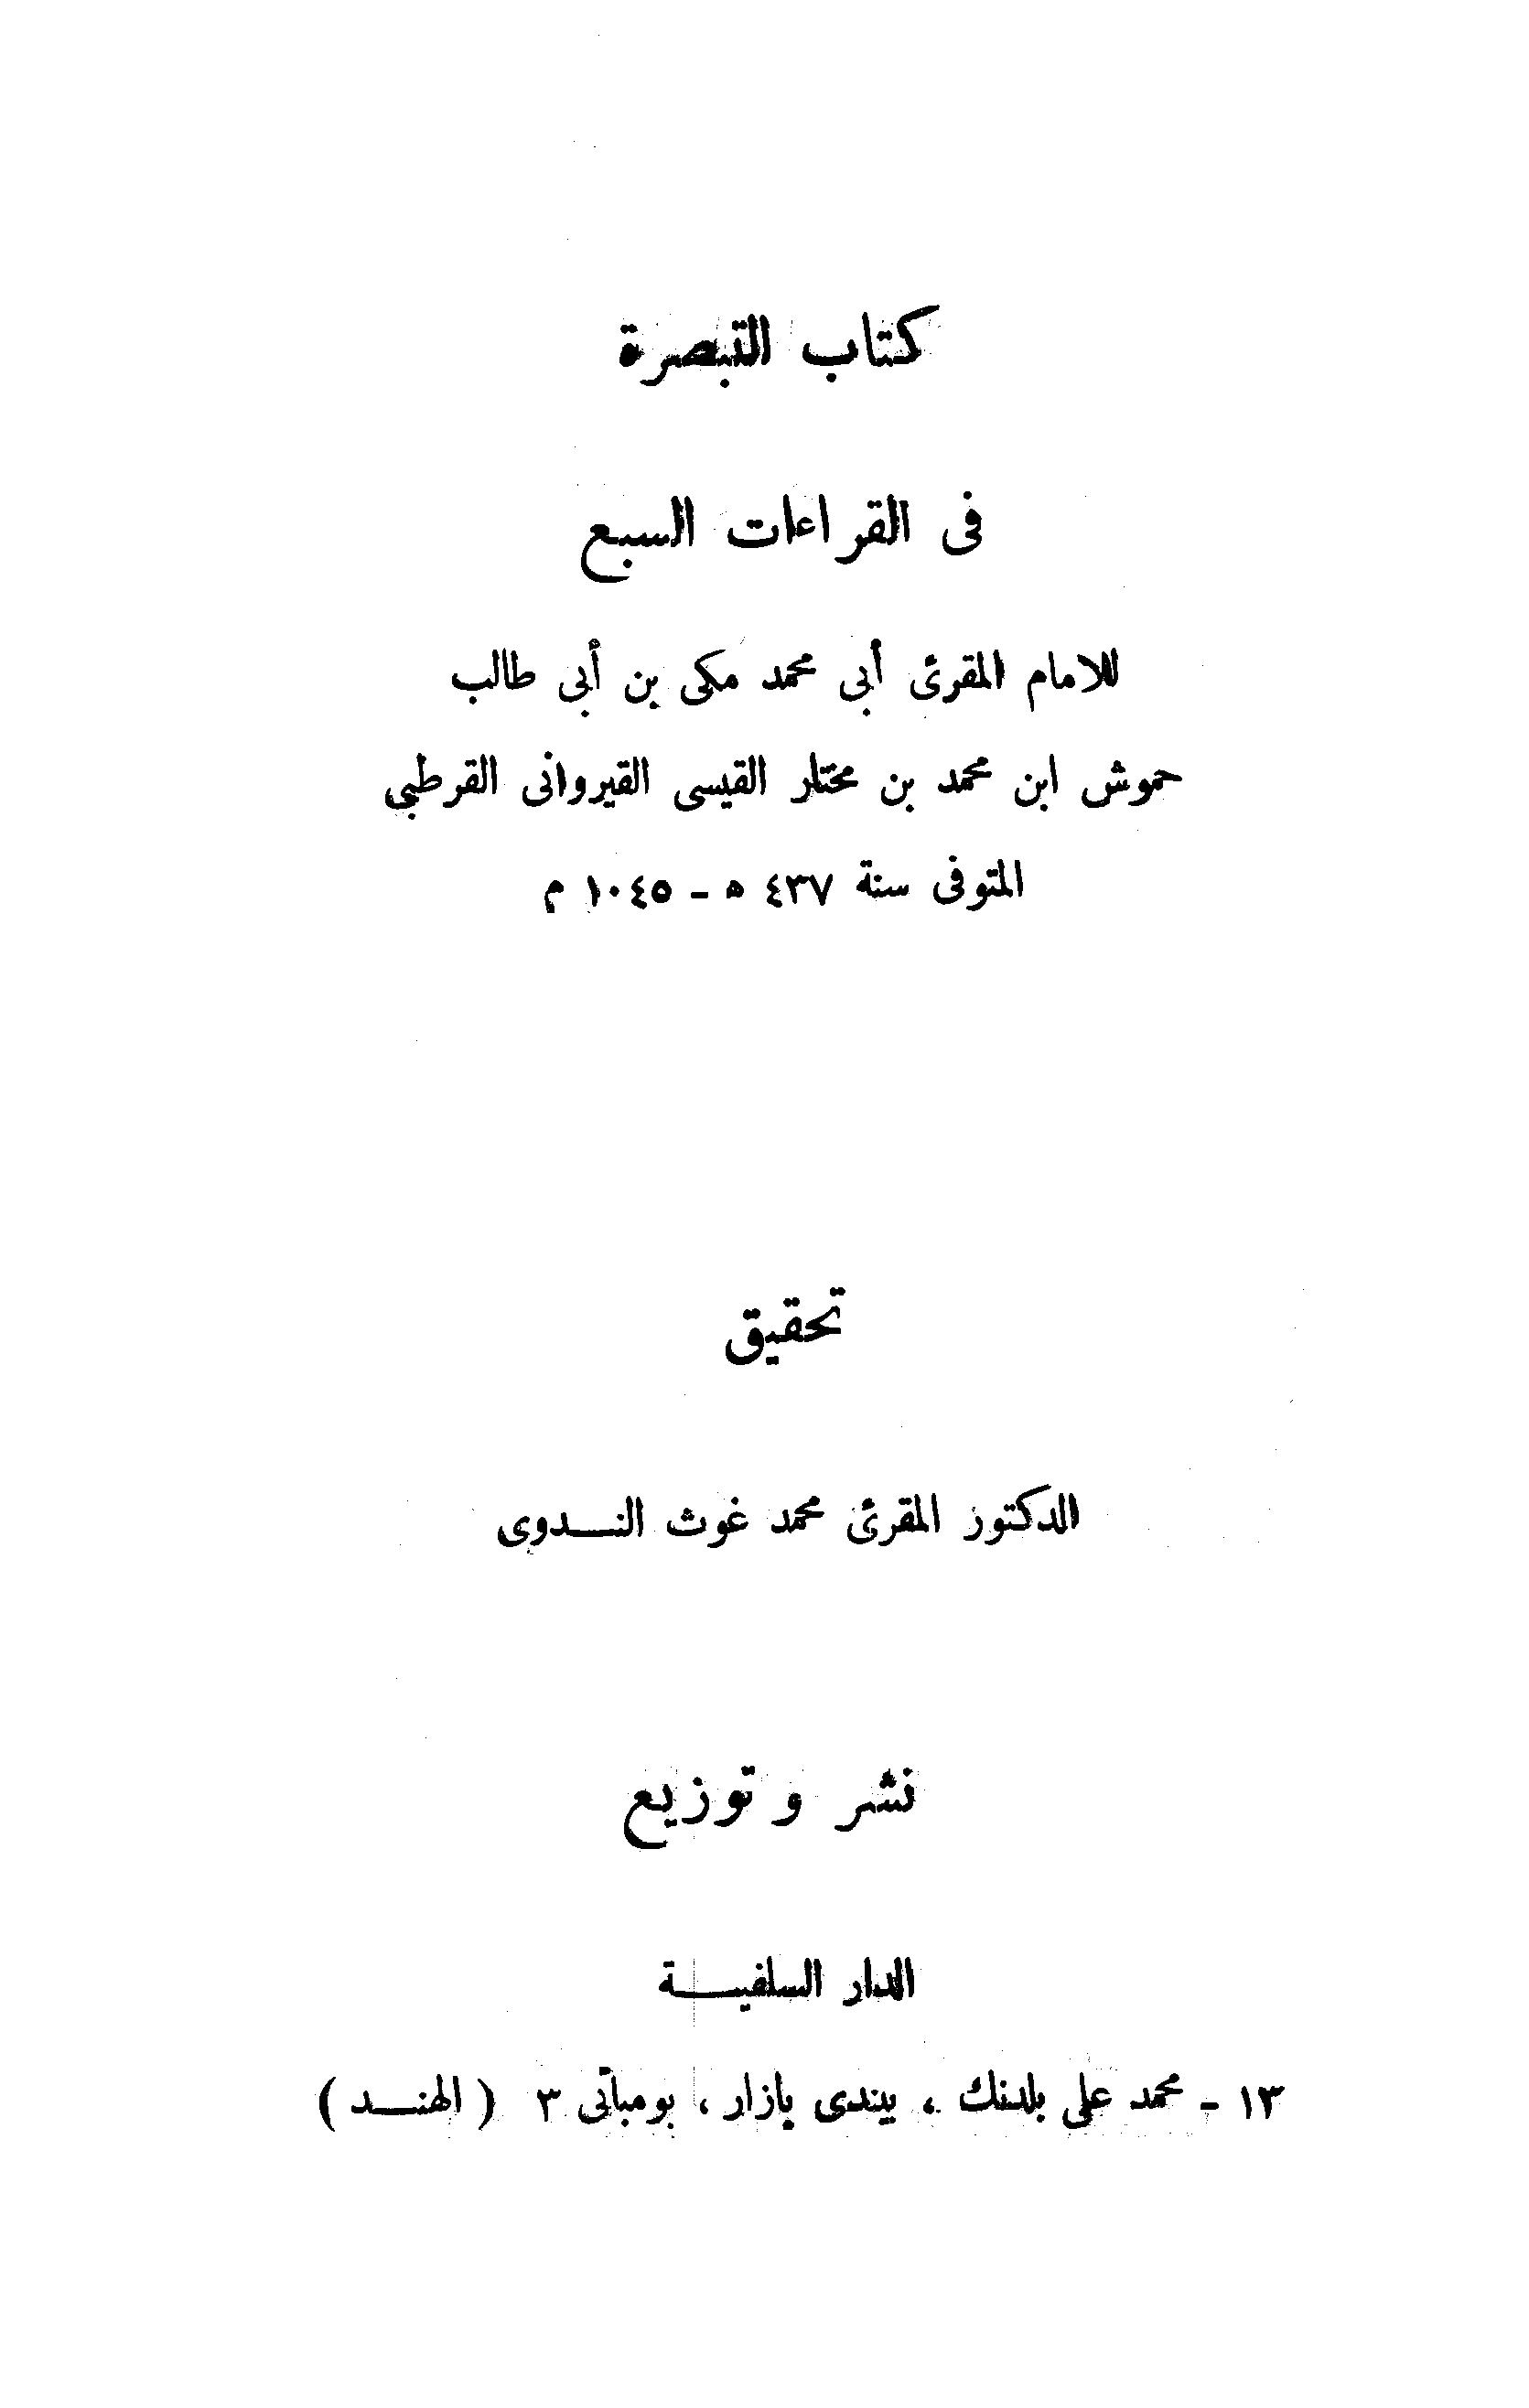 تحميل كتاب التبصرة في القراءات السبع لـِ: الإمام أبو محمد مكي بن أبي طالب حمّوش القيسي (ت 437)